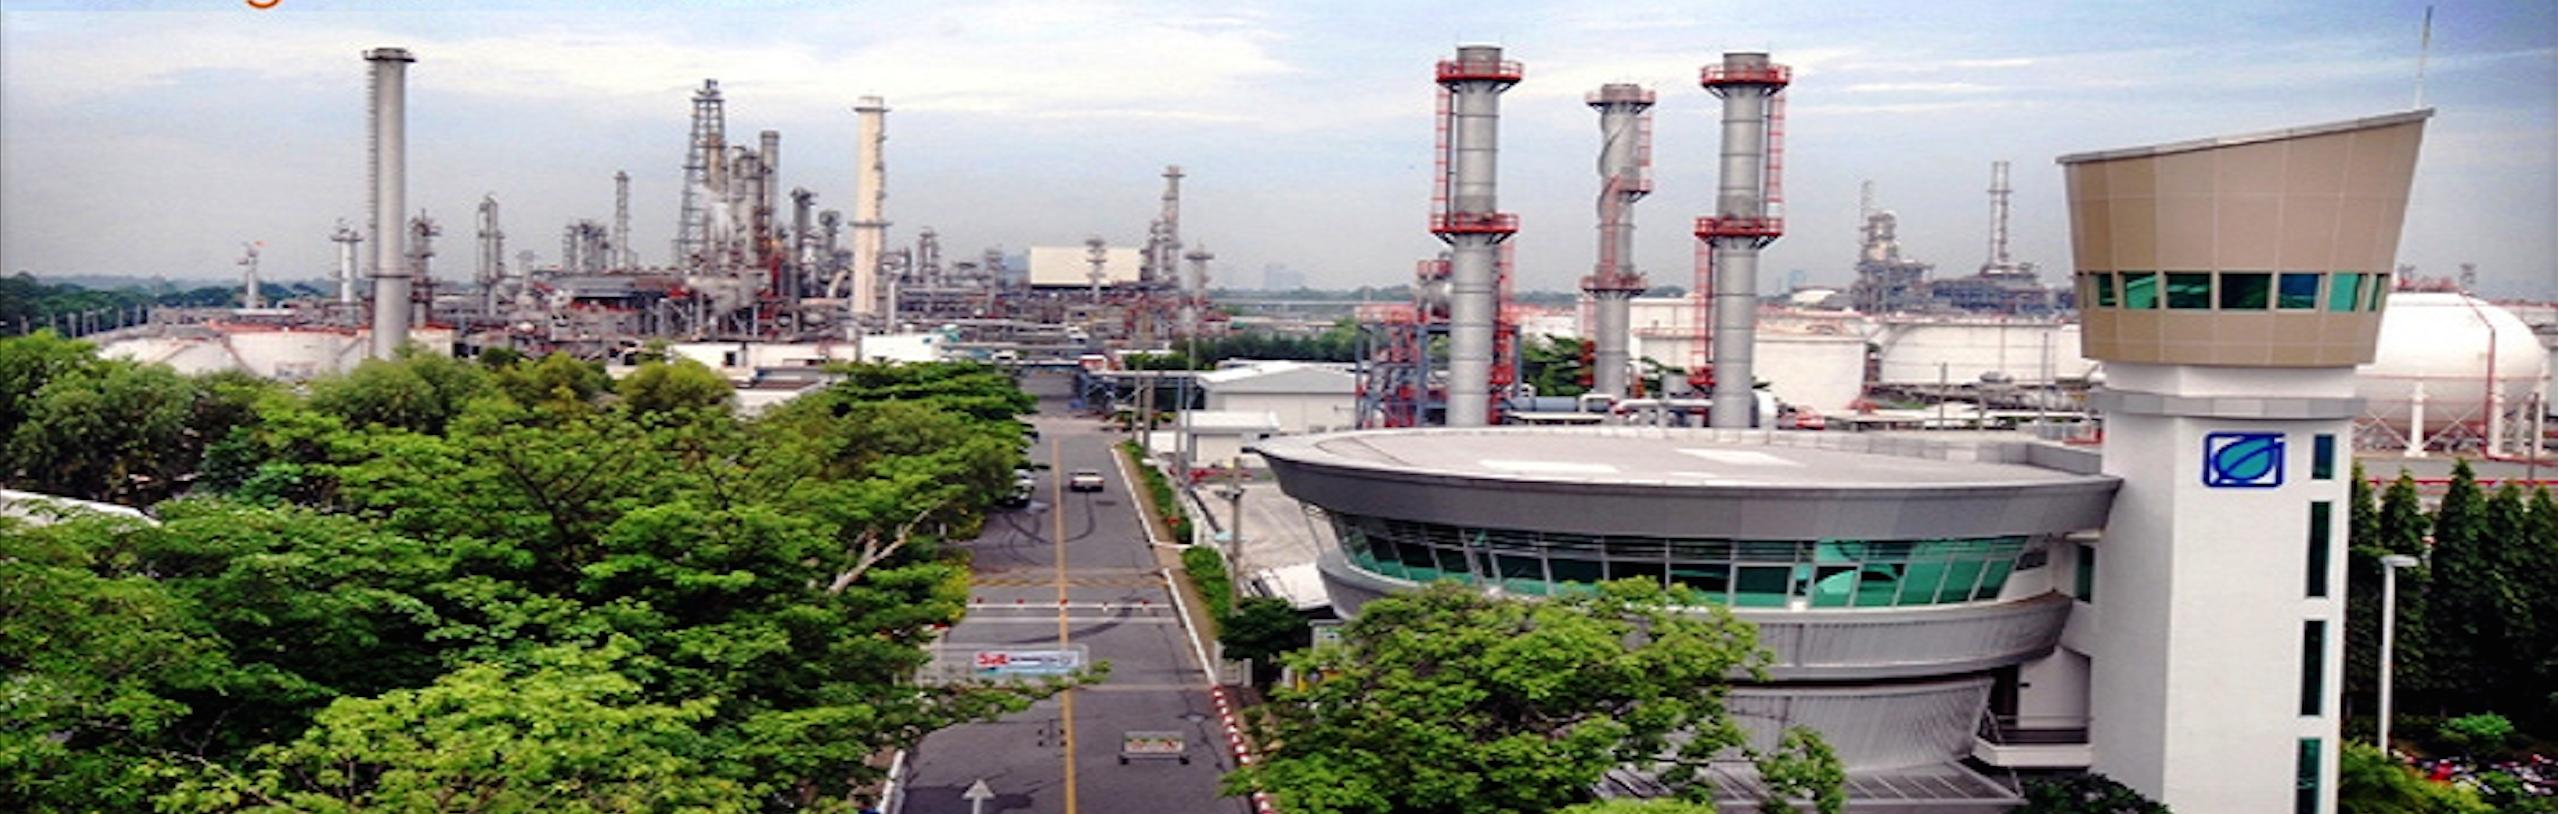 Một góc nhà máy tinh chế của Bangchak